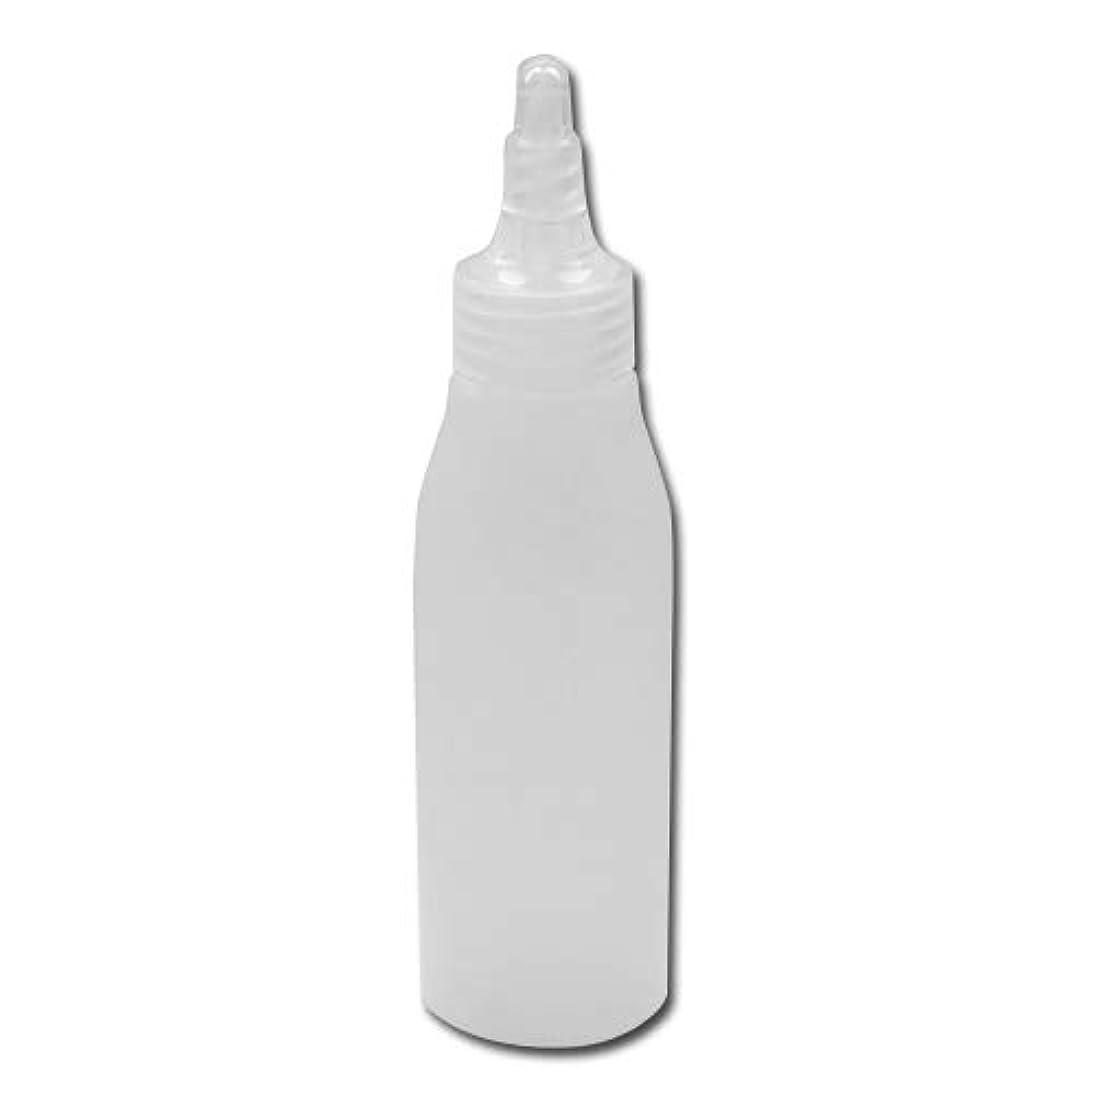 マイクロフォン士気分析的詰め替え容器100ml 半透明 ツイストキャップ 滑らかなボトルライン ノズル式│シンプル ボディーソープ ローション等の詰替に 小分け 化粧品